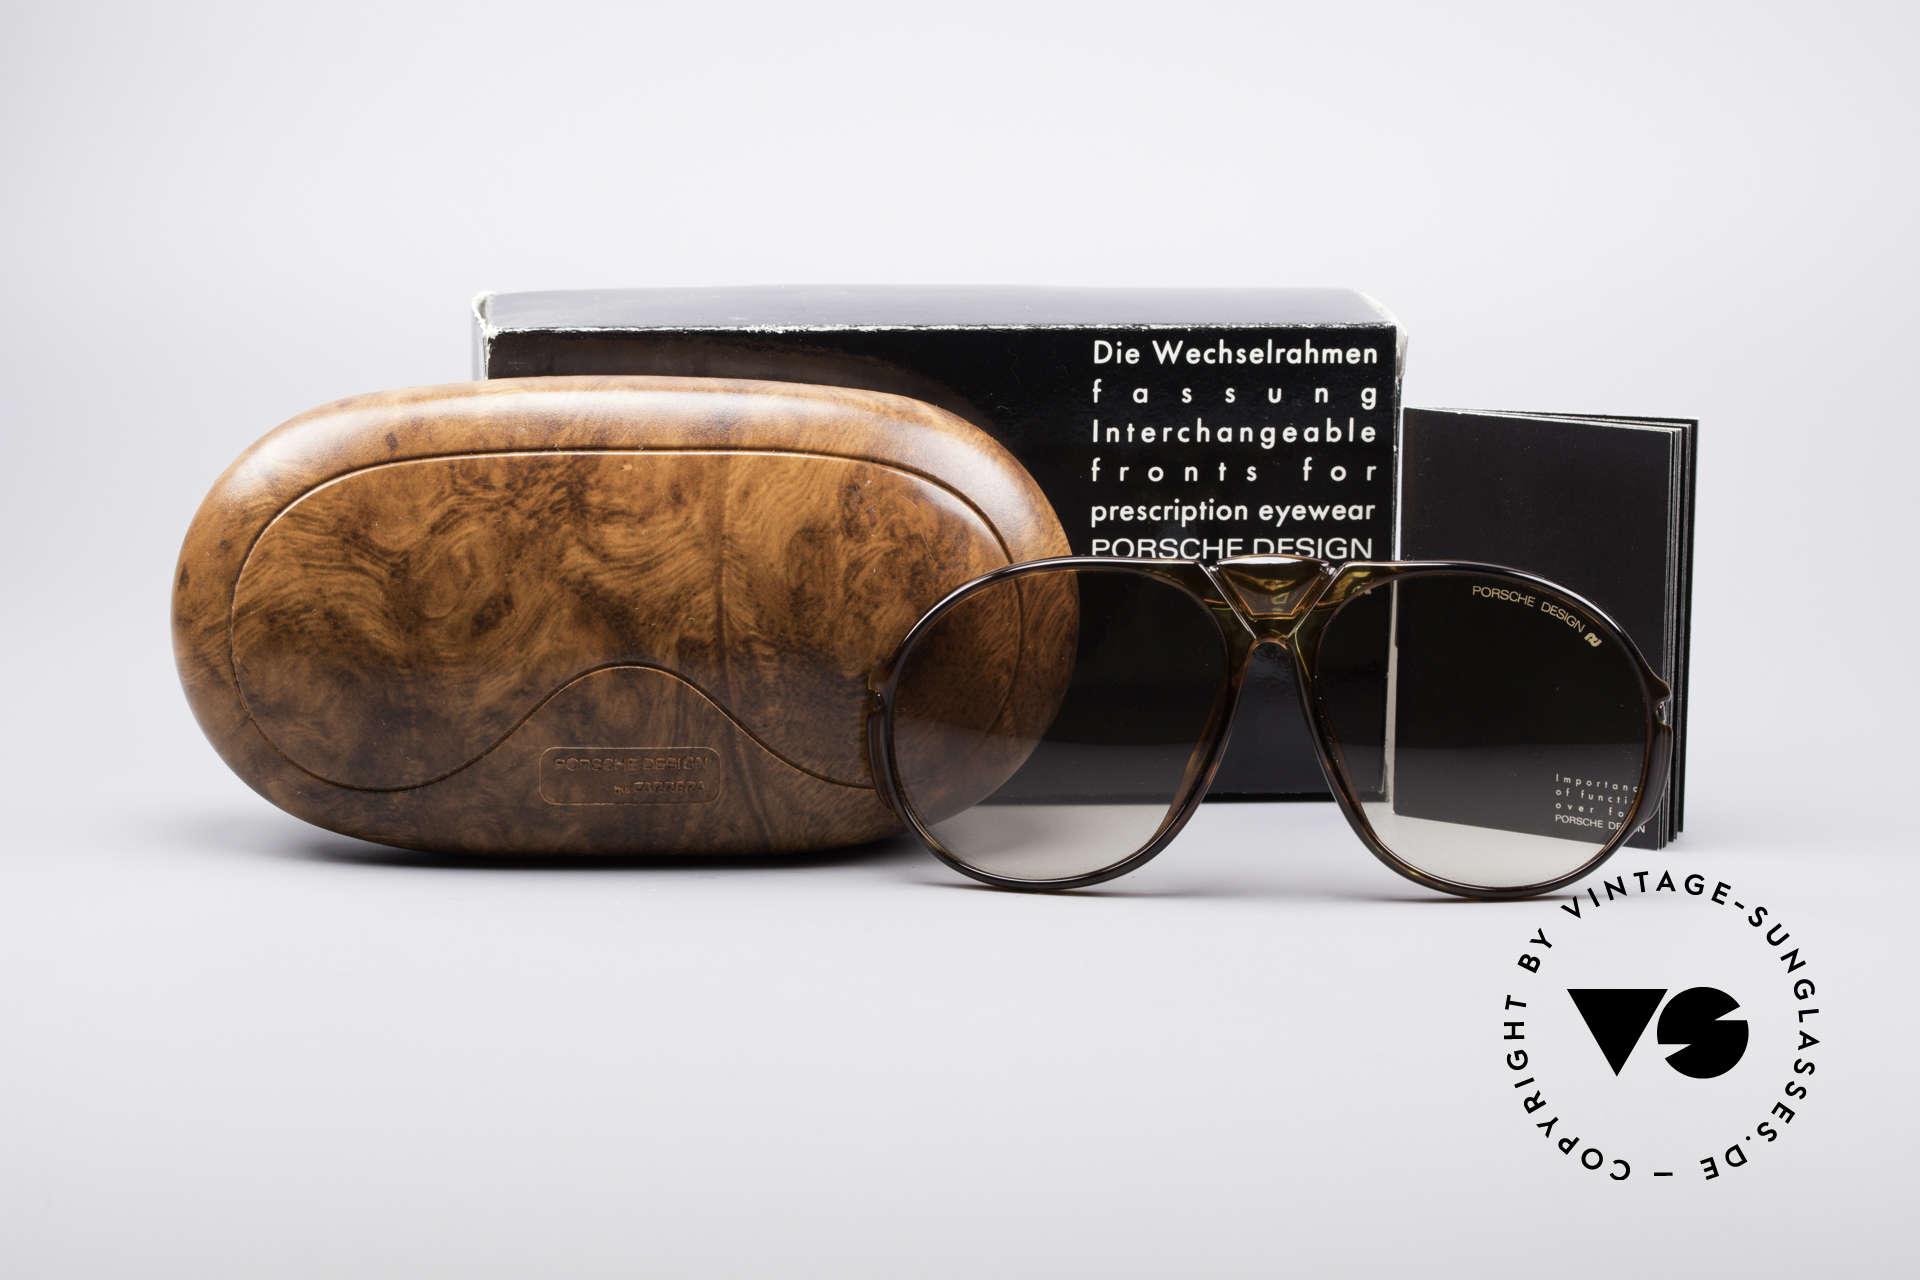 Porsche 5659 90er Wechselbrille Small, KEINE Retrosonnenbrille; ein seltenes 90er ORIGINAL!!, Passend für Herren und Damen